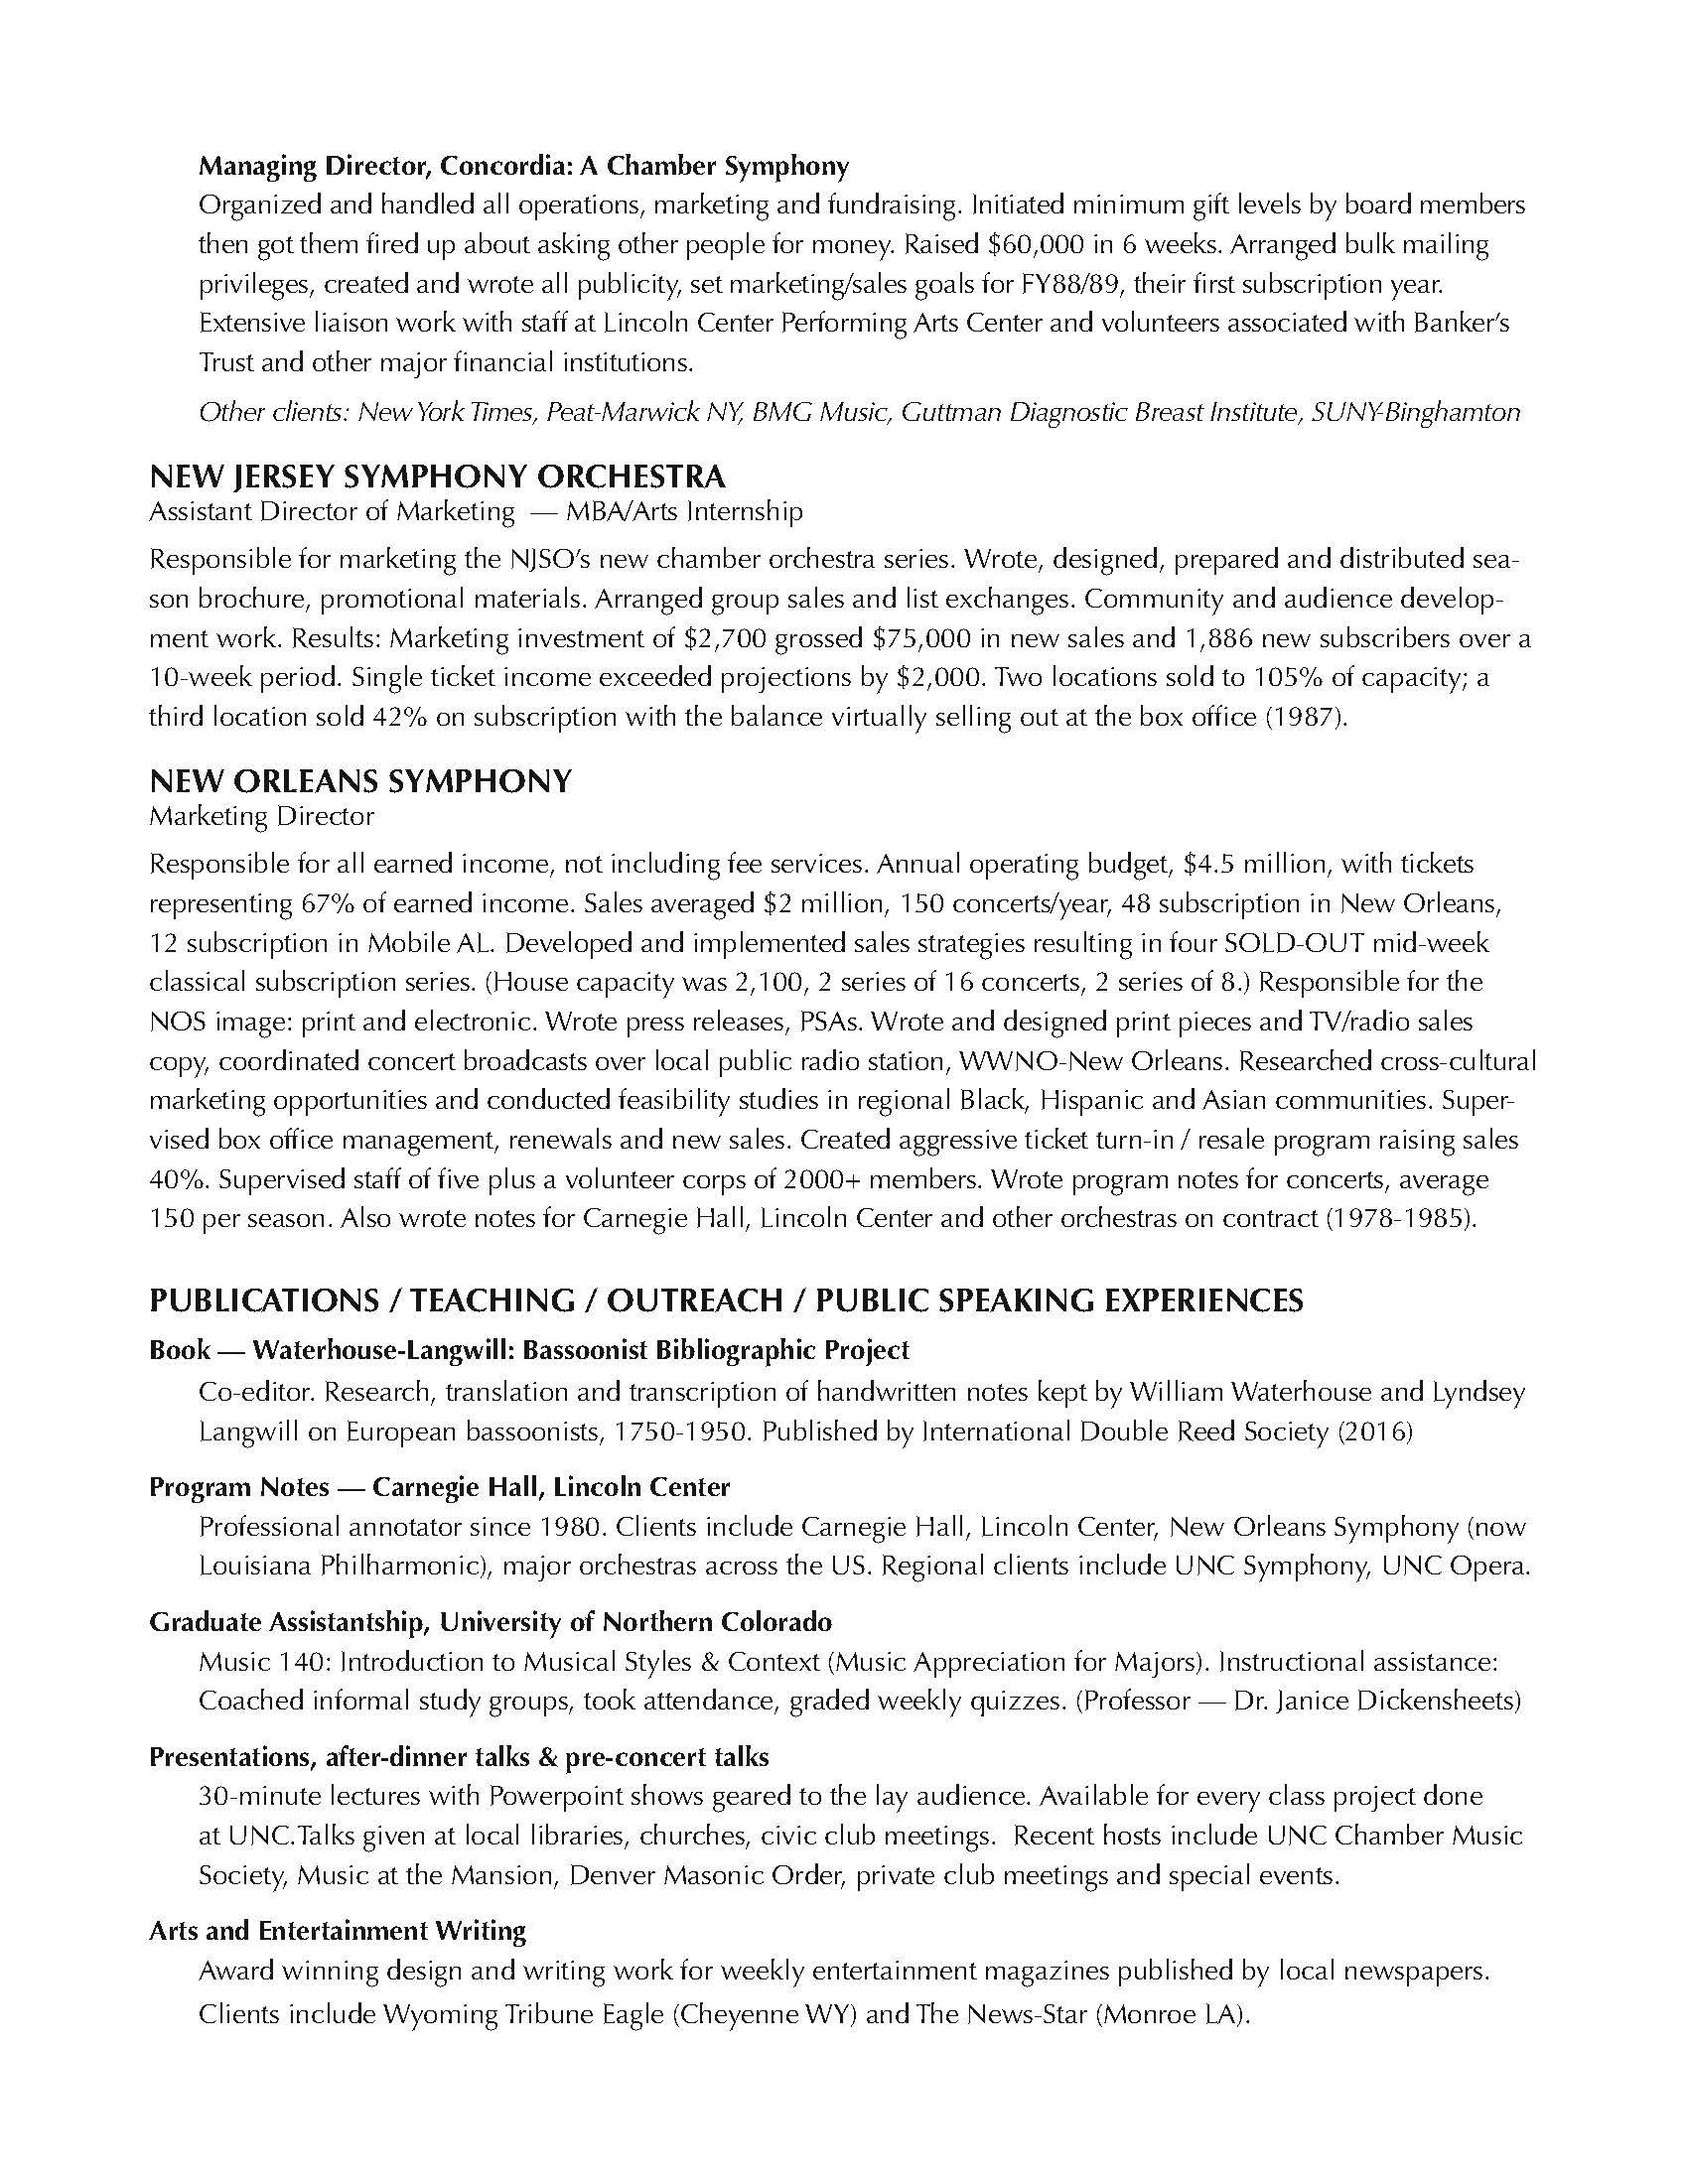 english exam essay zeitform